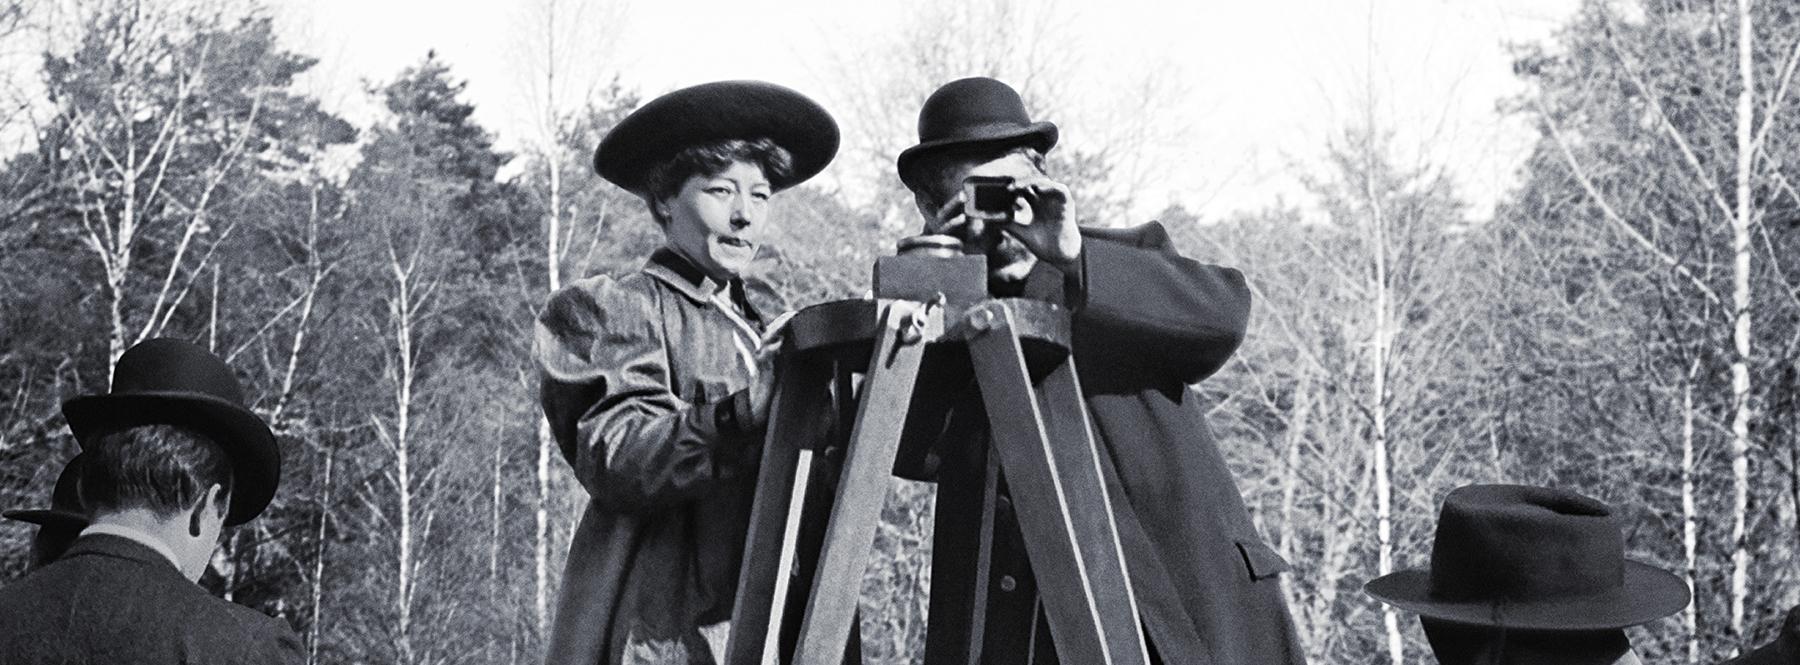 Las mujeres también estuvieron presentes en los inicios del cine